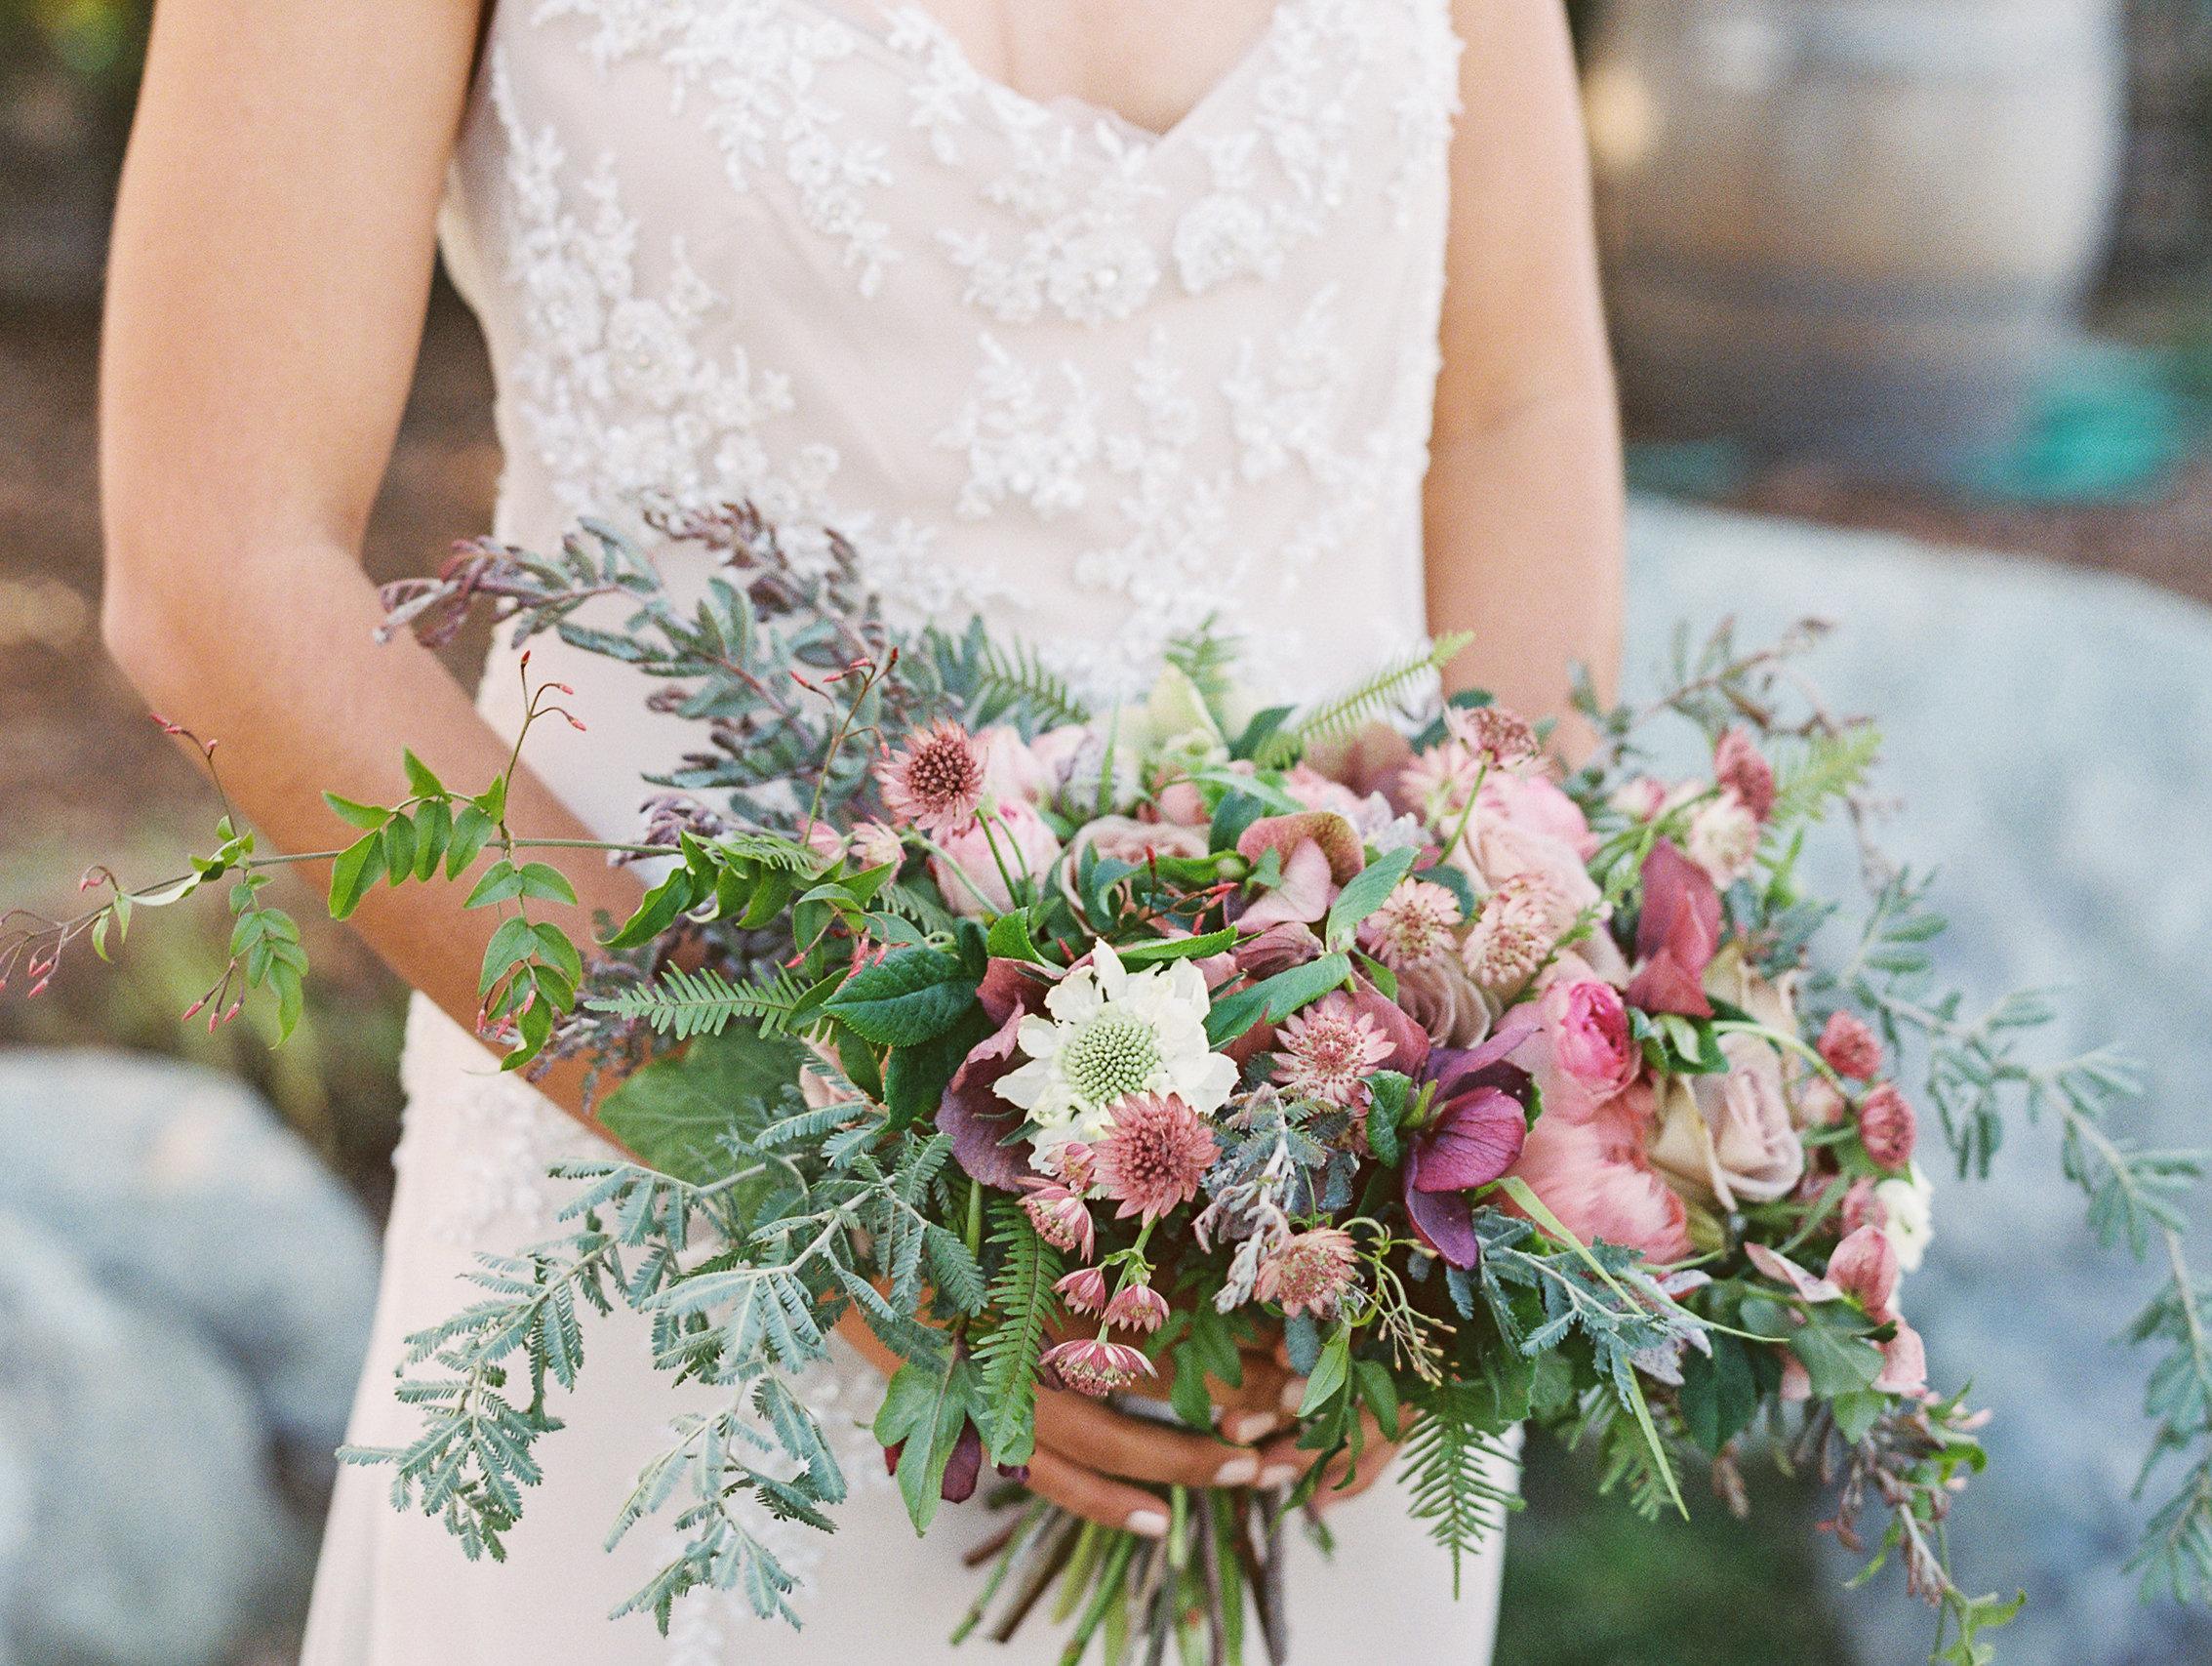 Bridal Bouquet of mauve colors